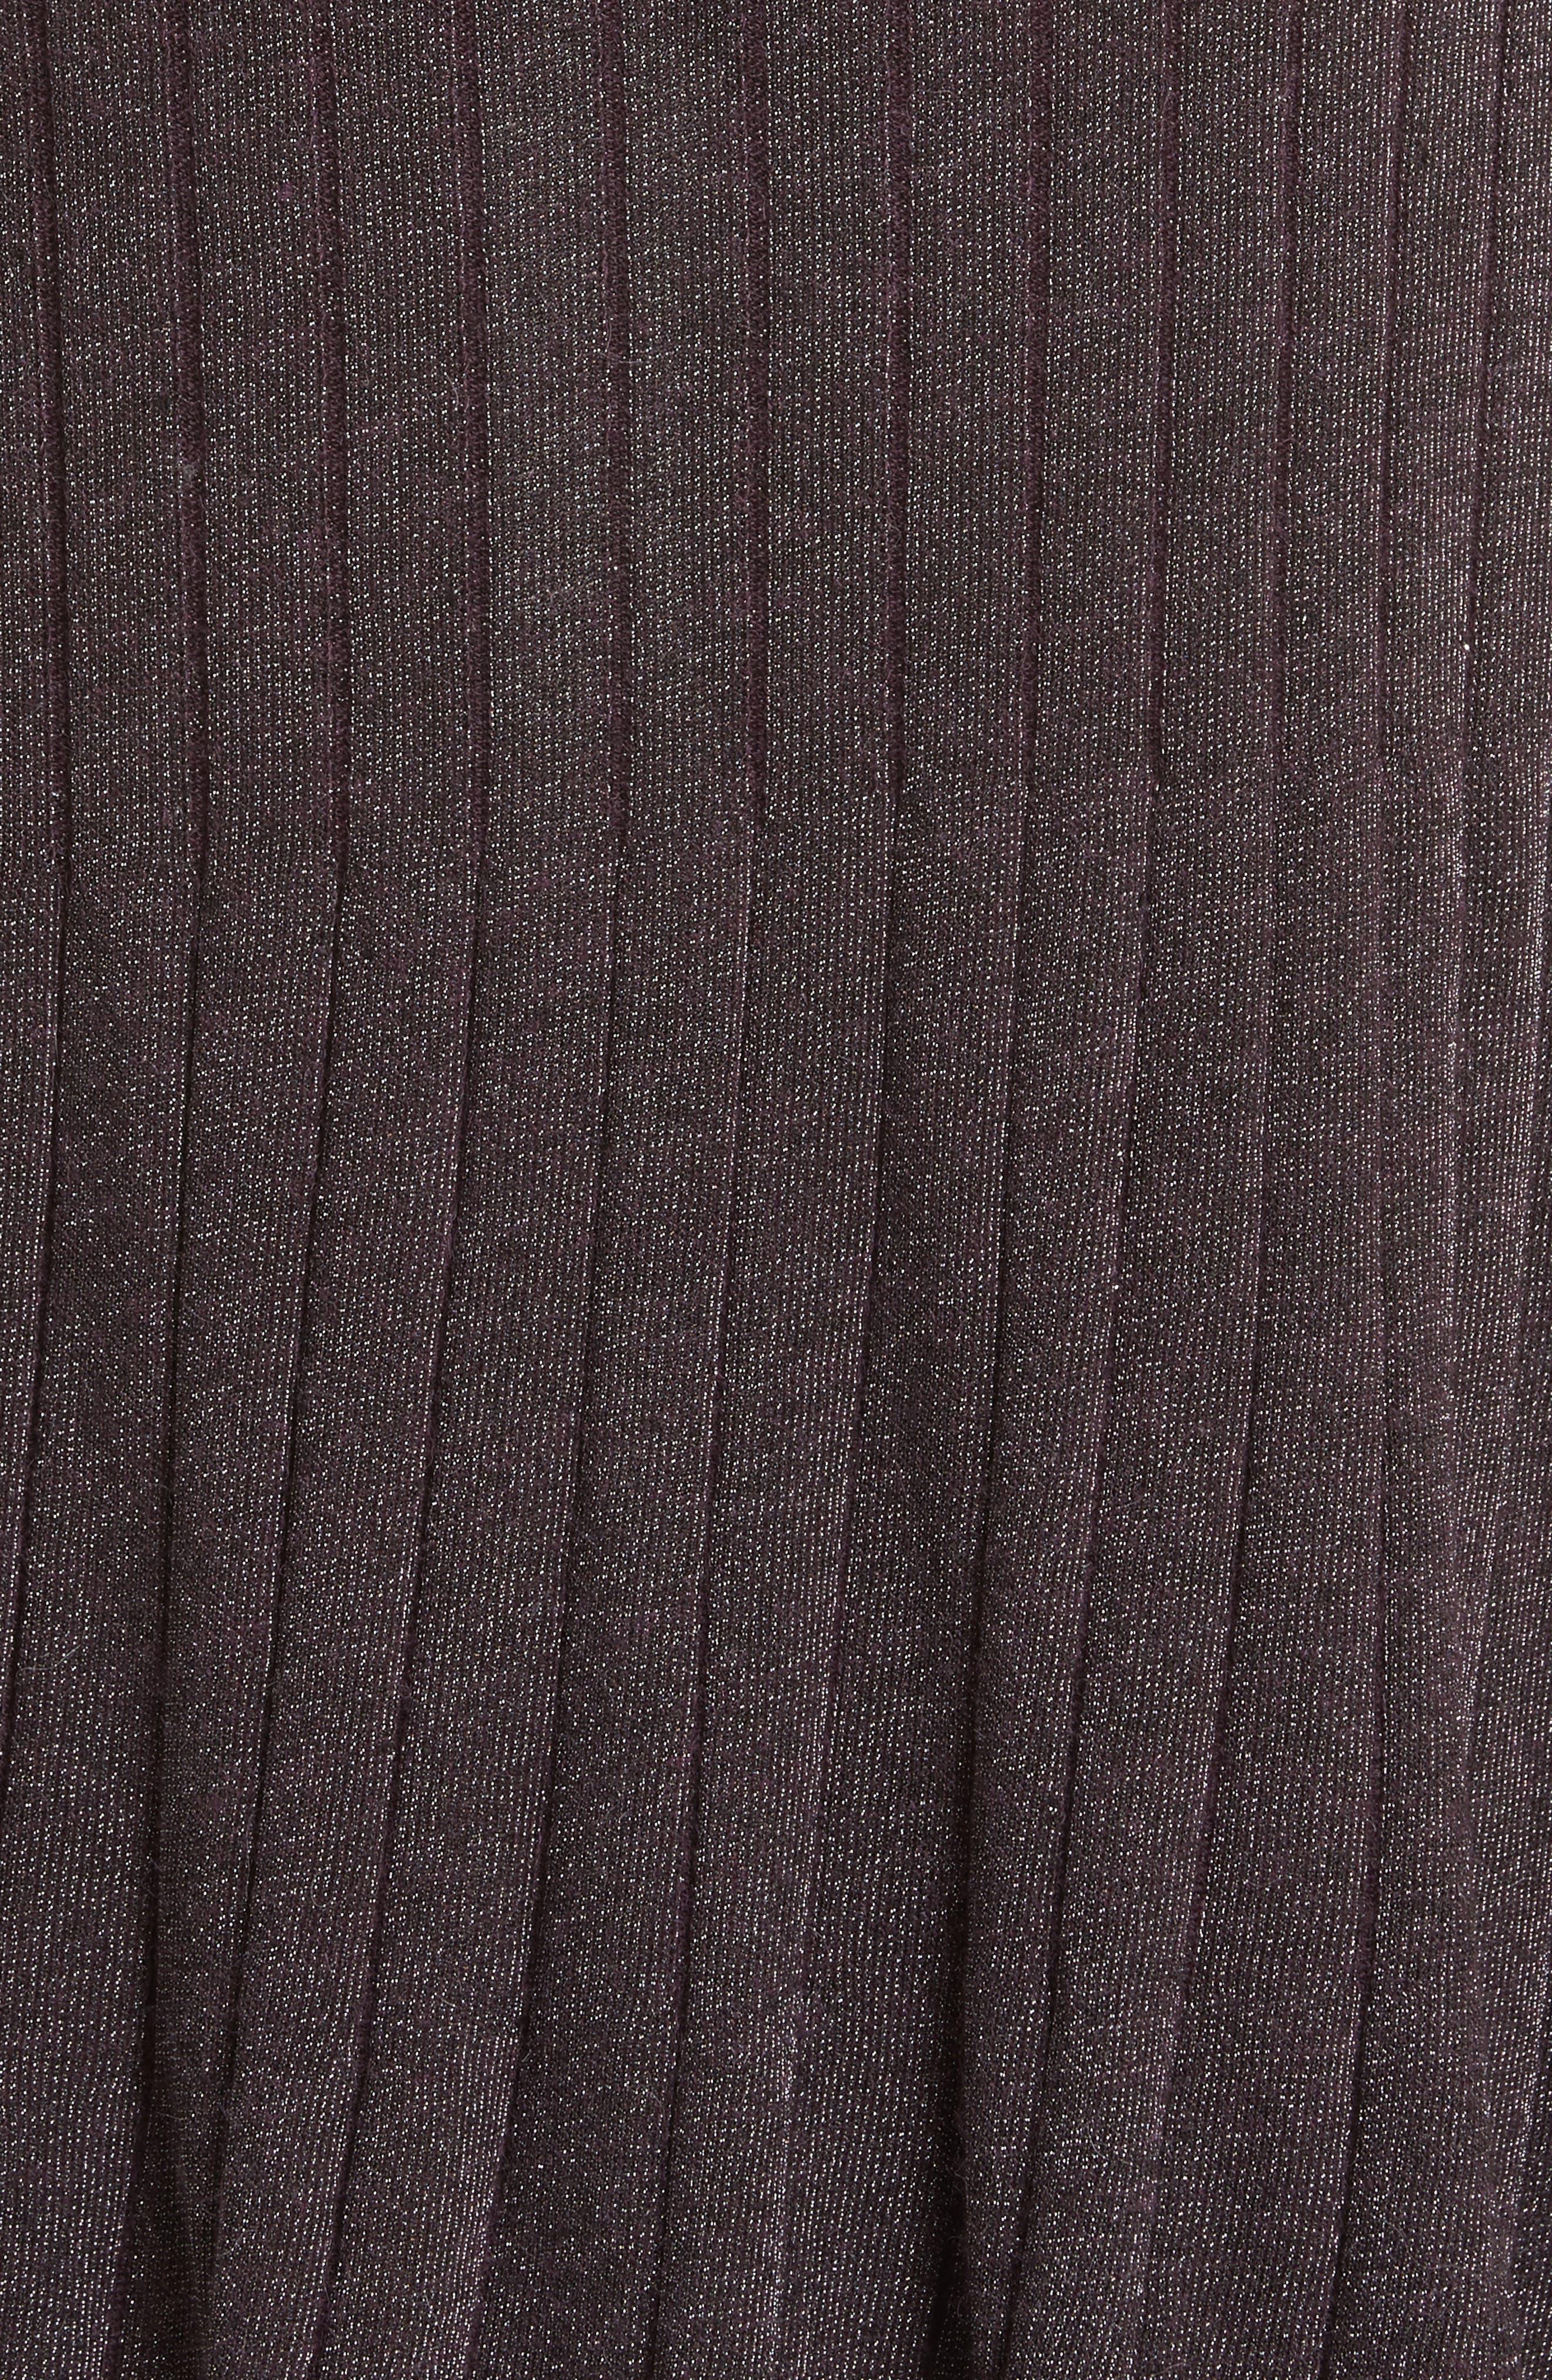 Metallic Ribbed Knit Skirt,                             Alternate thumbnail 5, color,                             Merlot